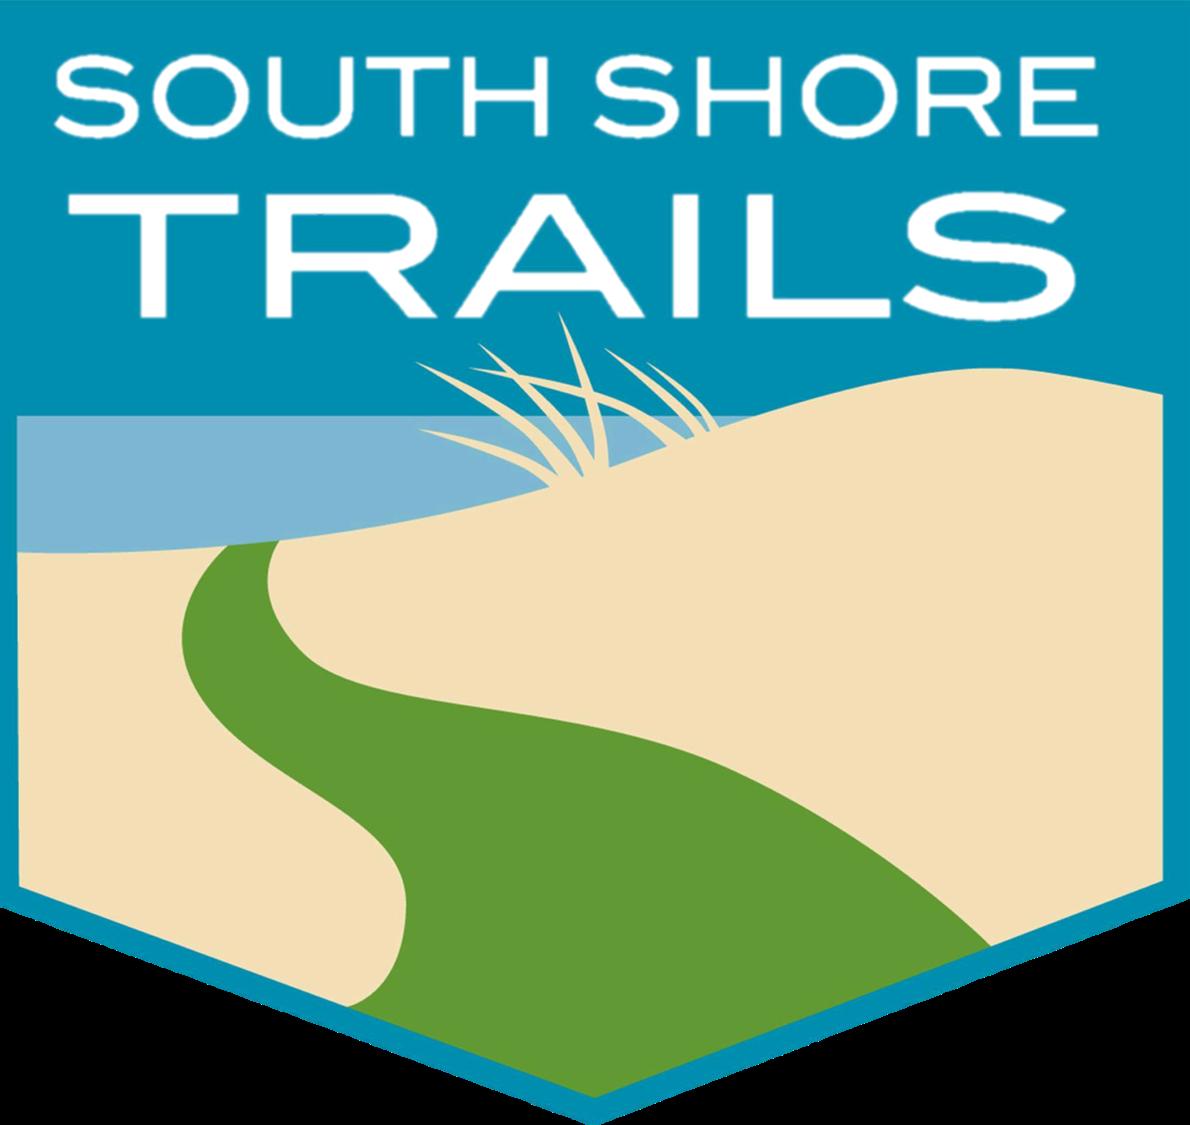 South Shore Trails.